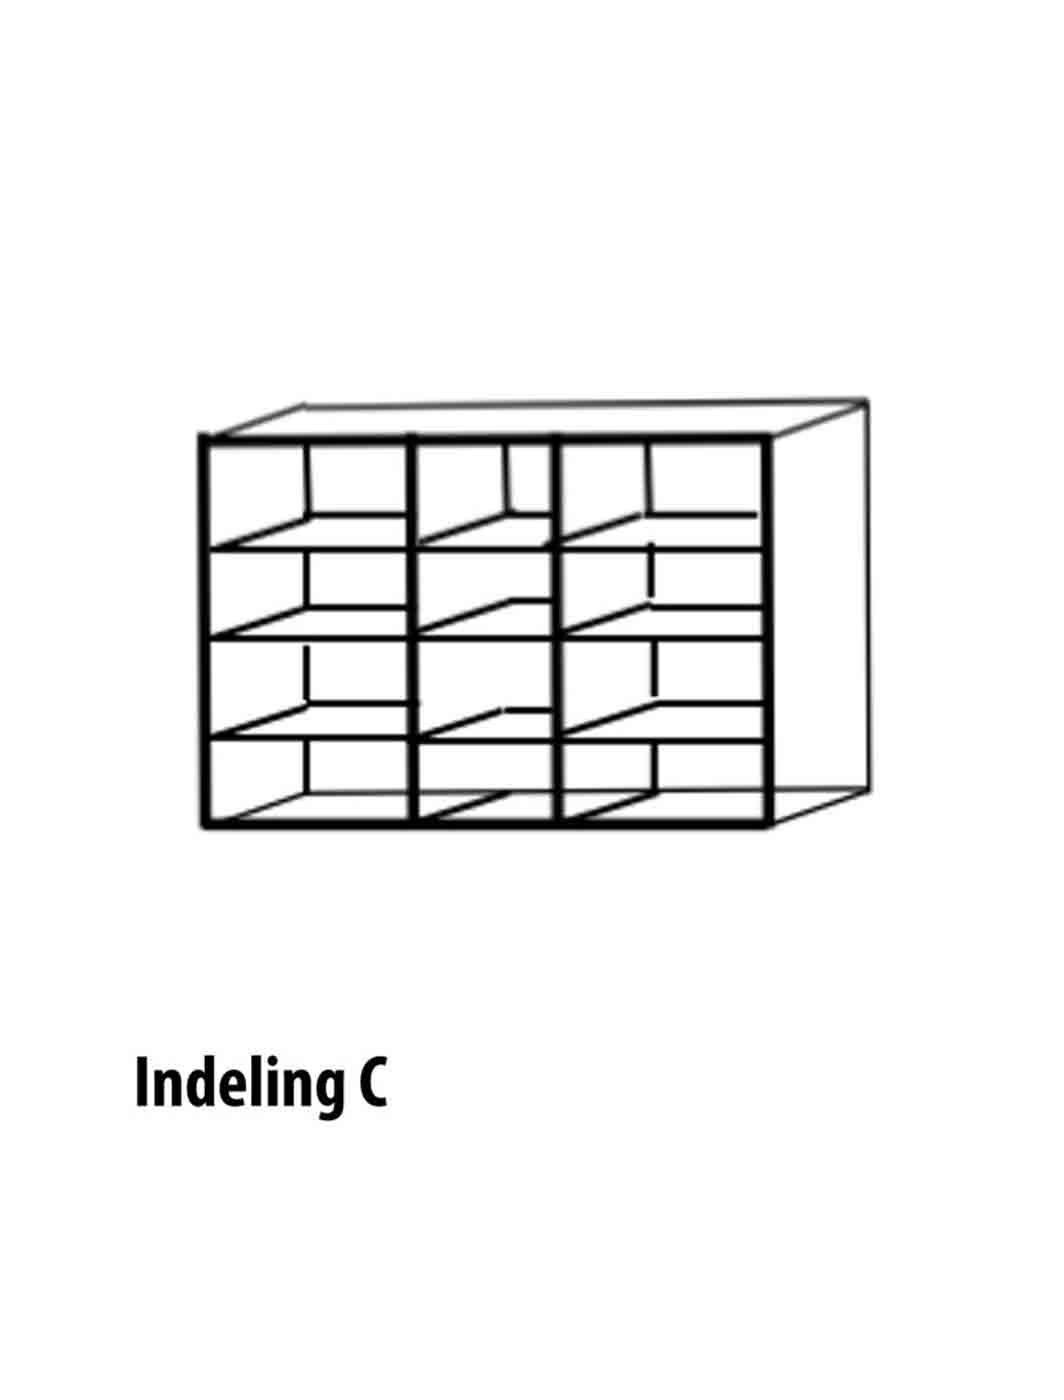 Vijfdeurs-Indeling-C